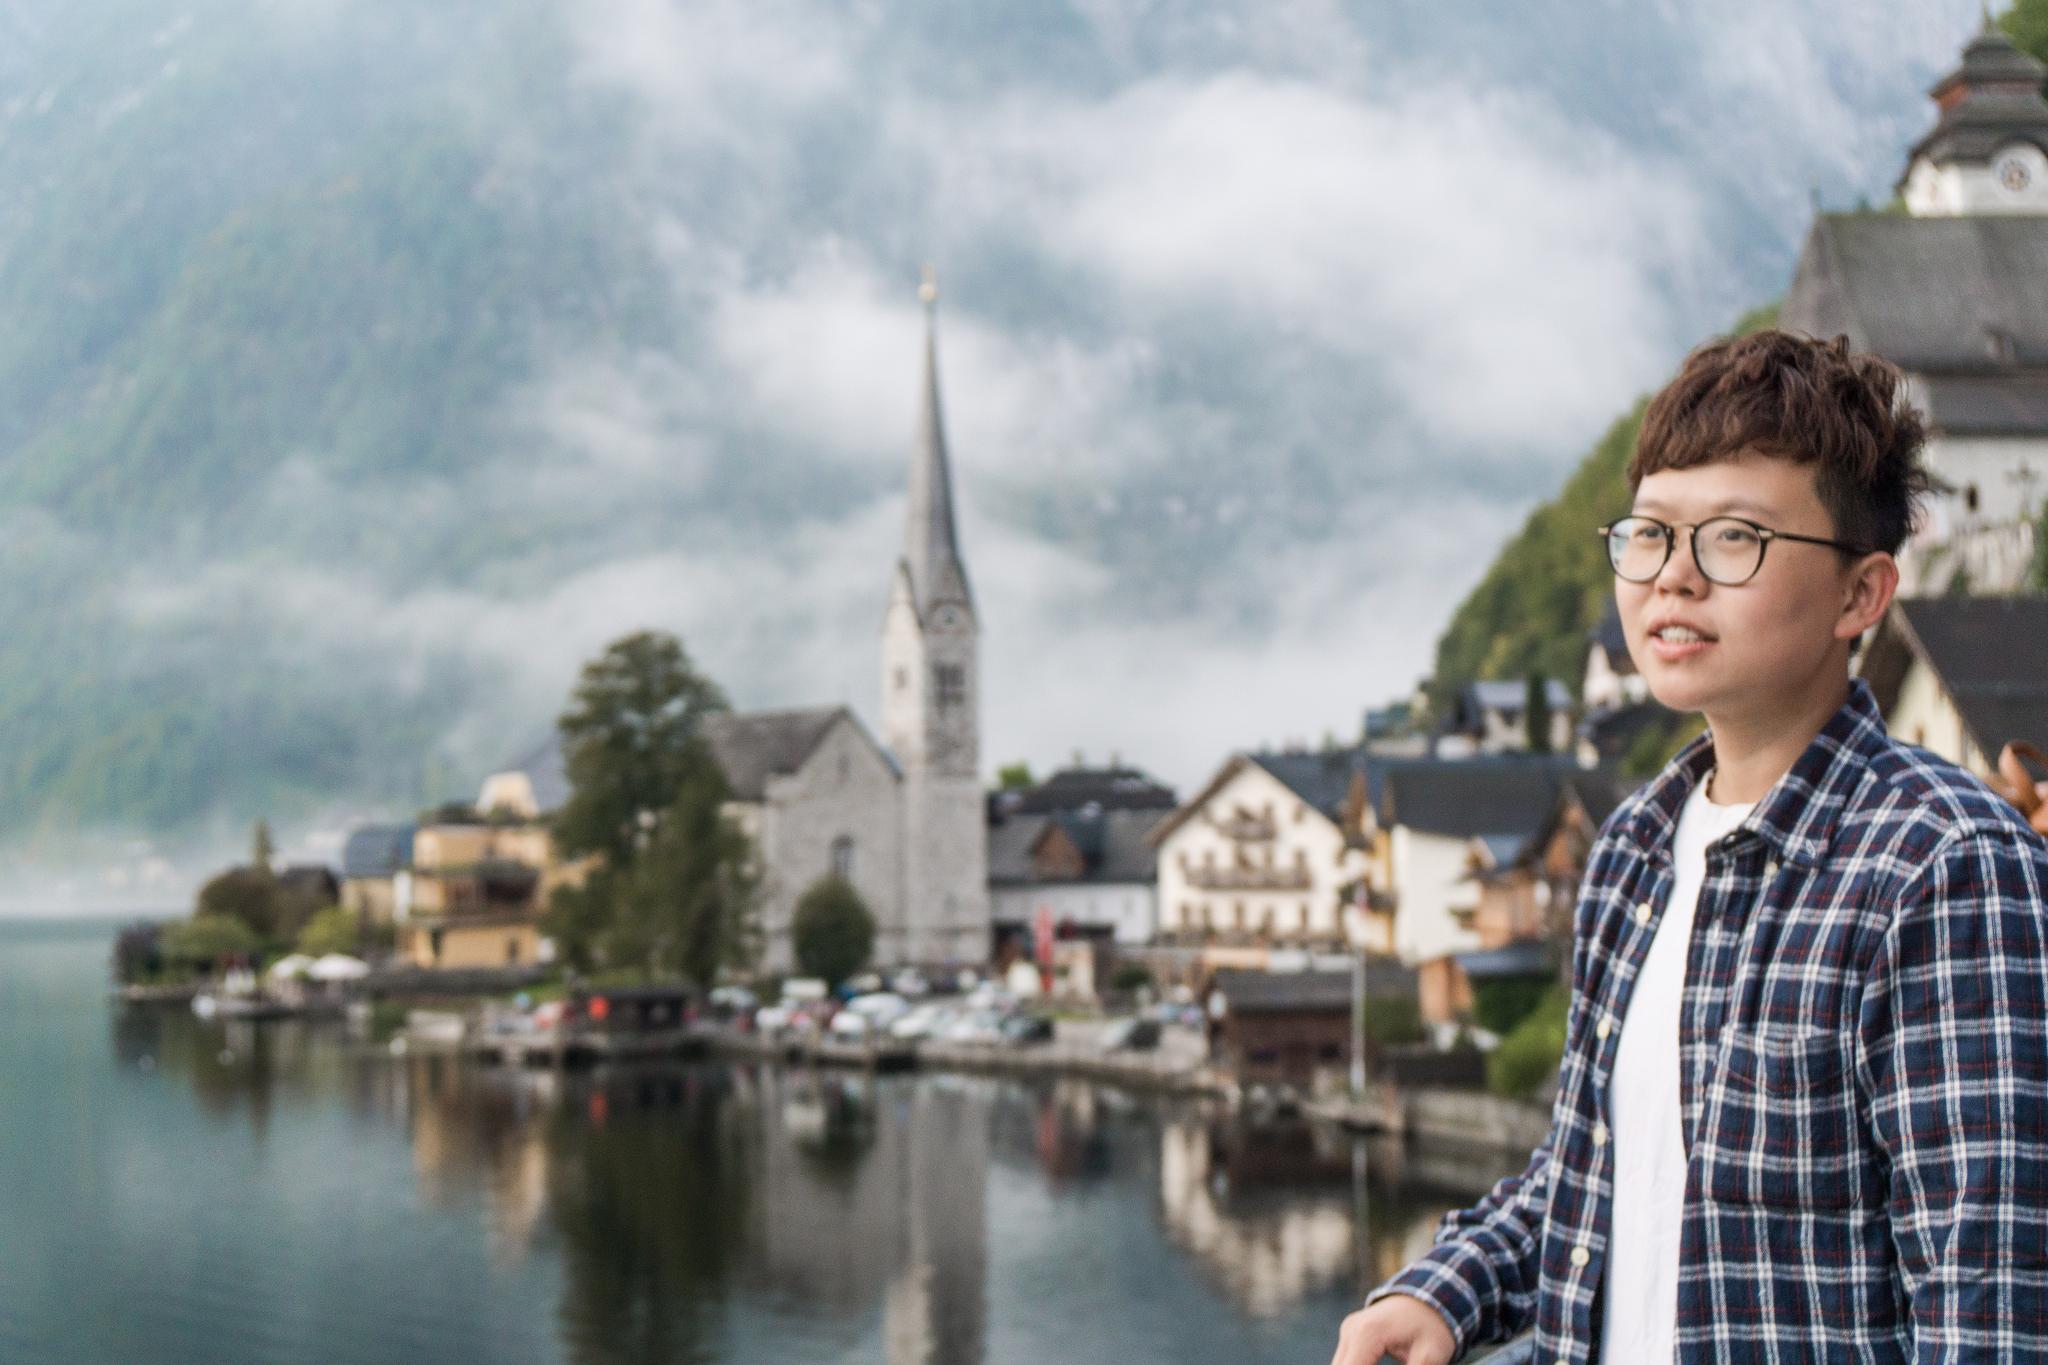 【奧地利】童話仙境 Hallstatt 哈修塔特 — 追逐世界遺產小鎮的夢幻黃金日出 15